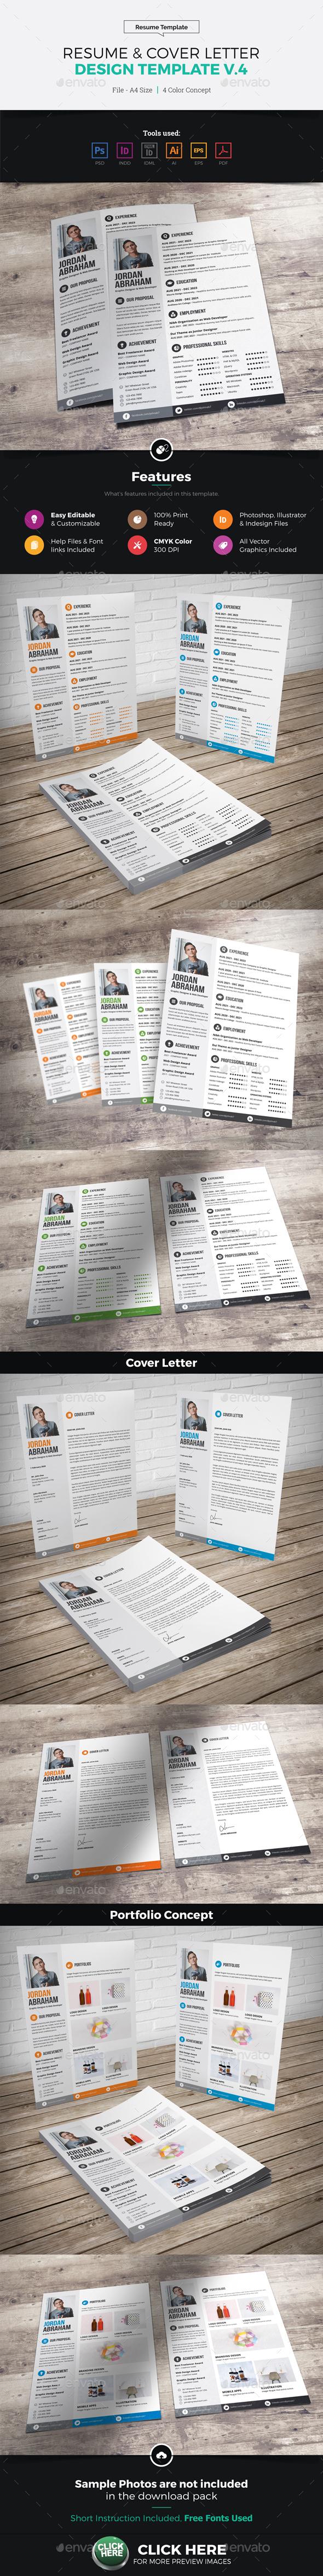 Resume & Cover Letter Design v4 - Resumes Stationery